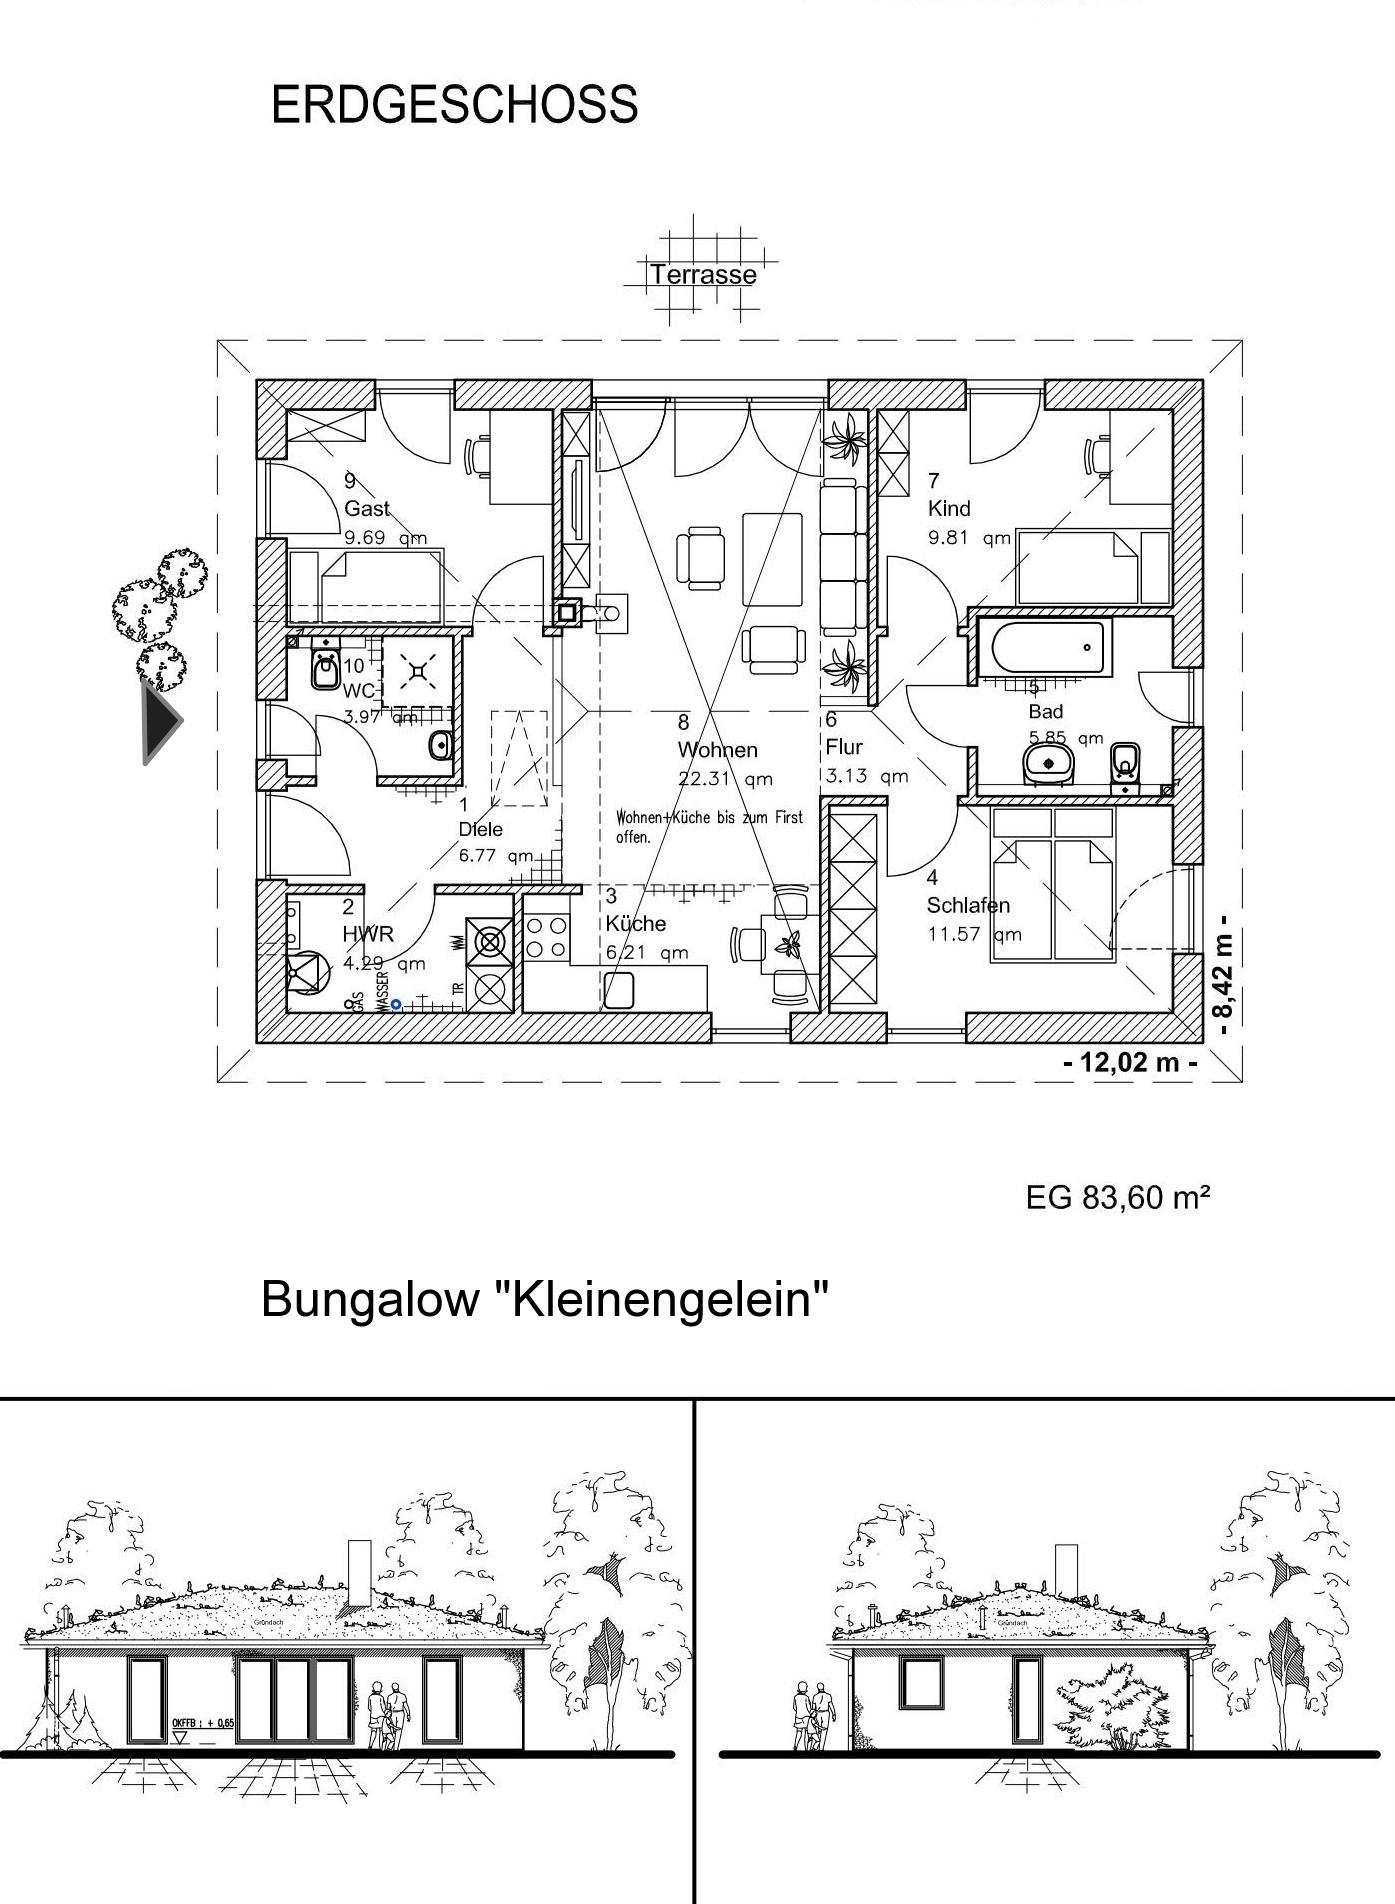 Bungalow KLEINENGELEIN